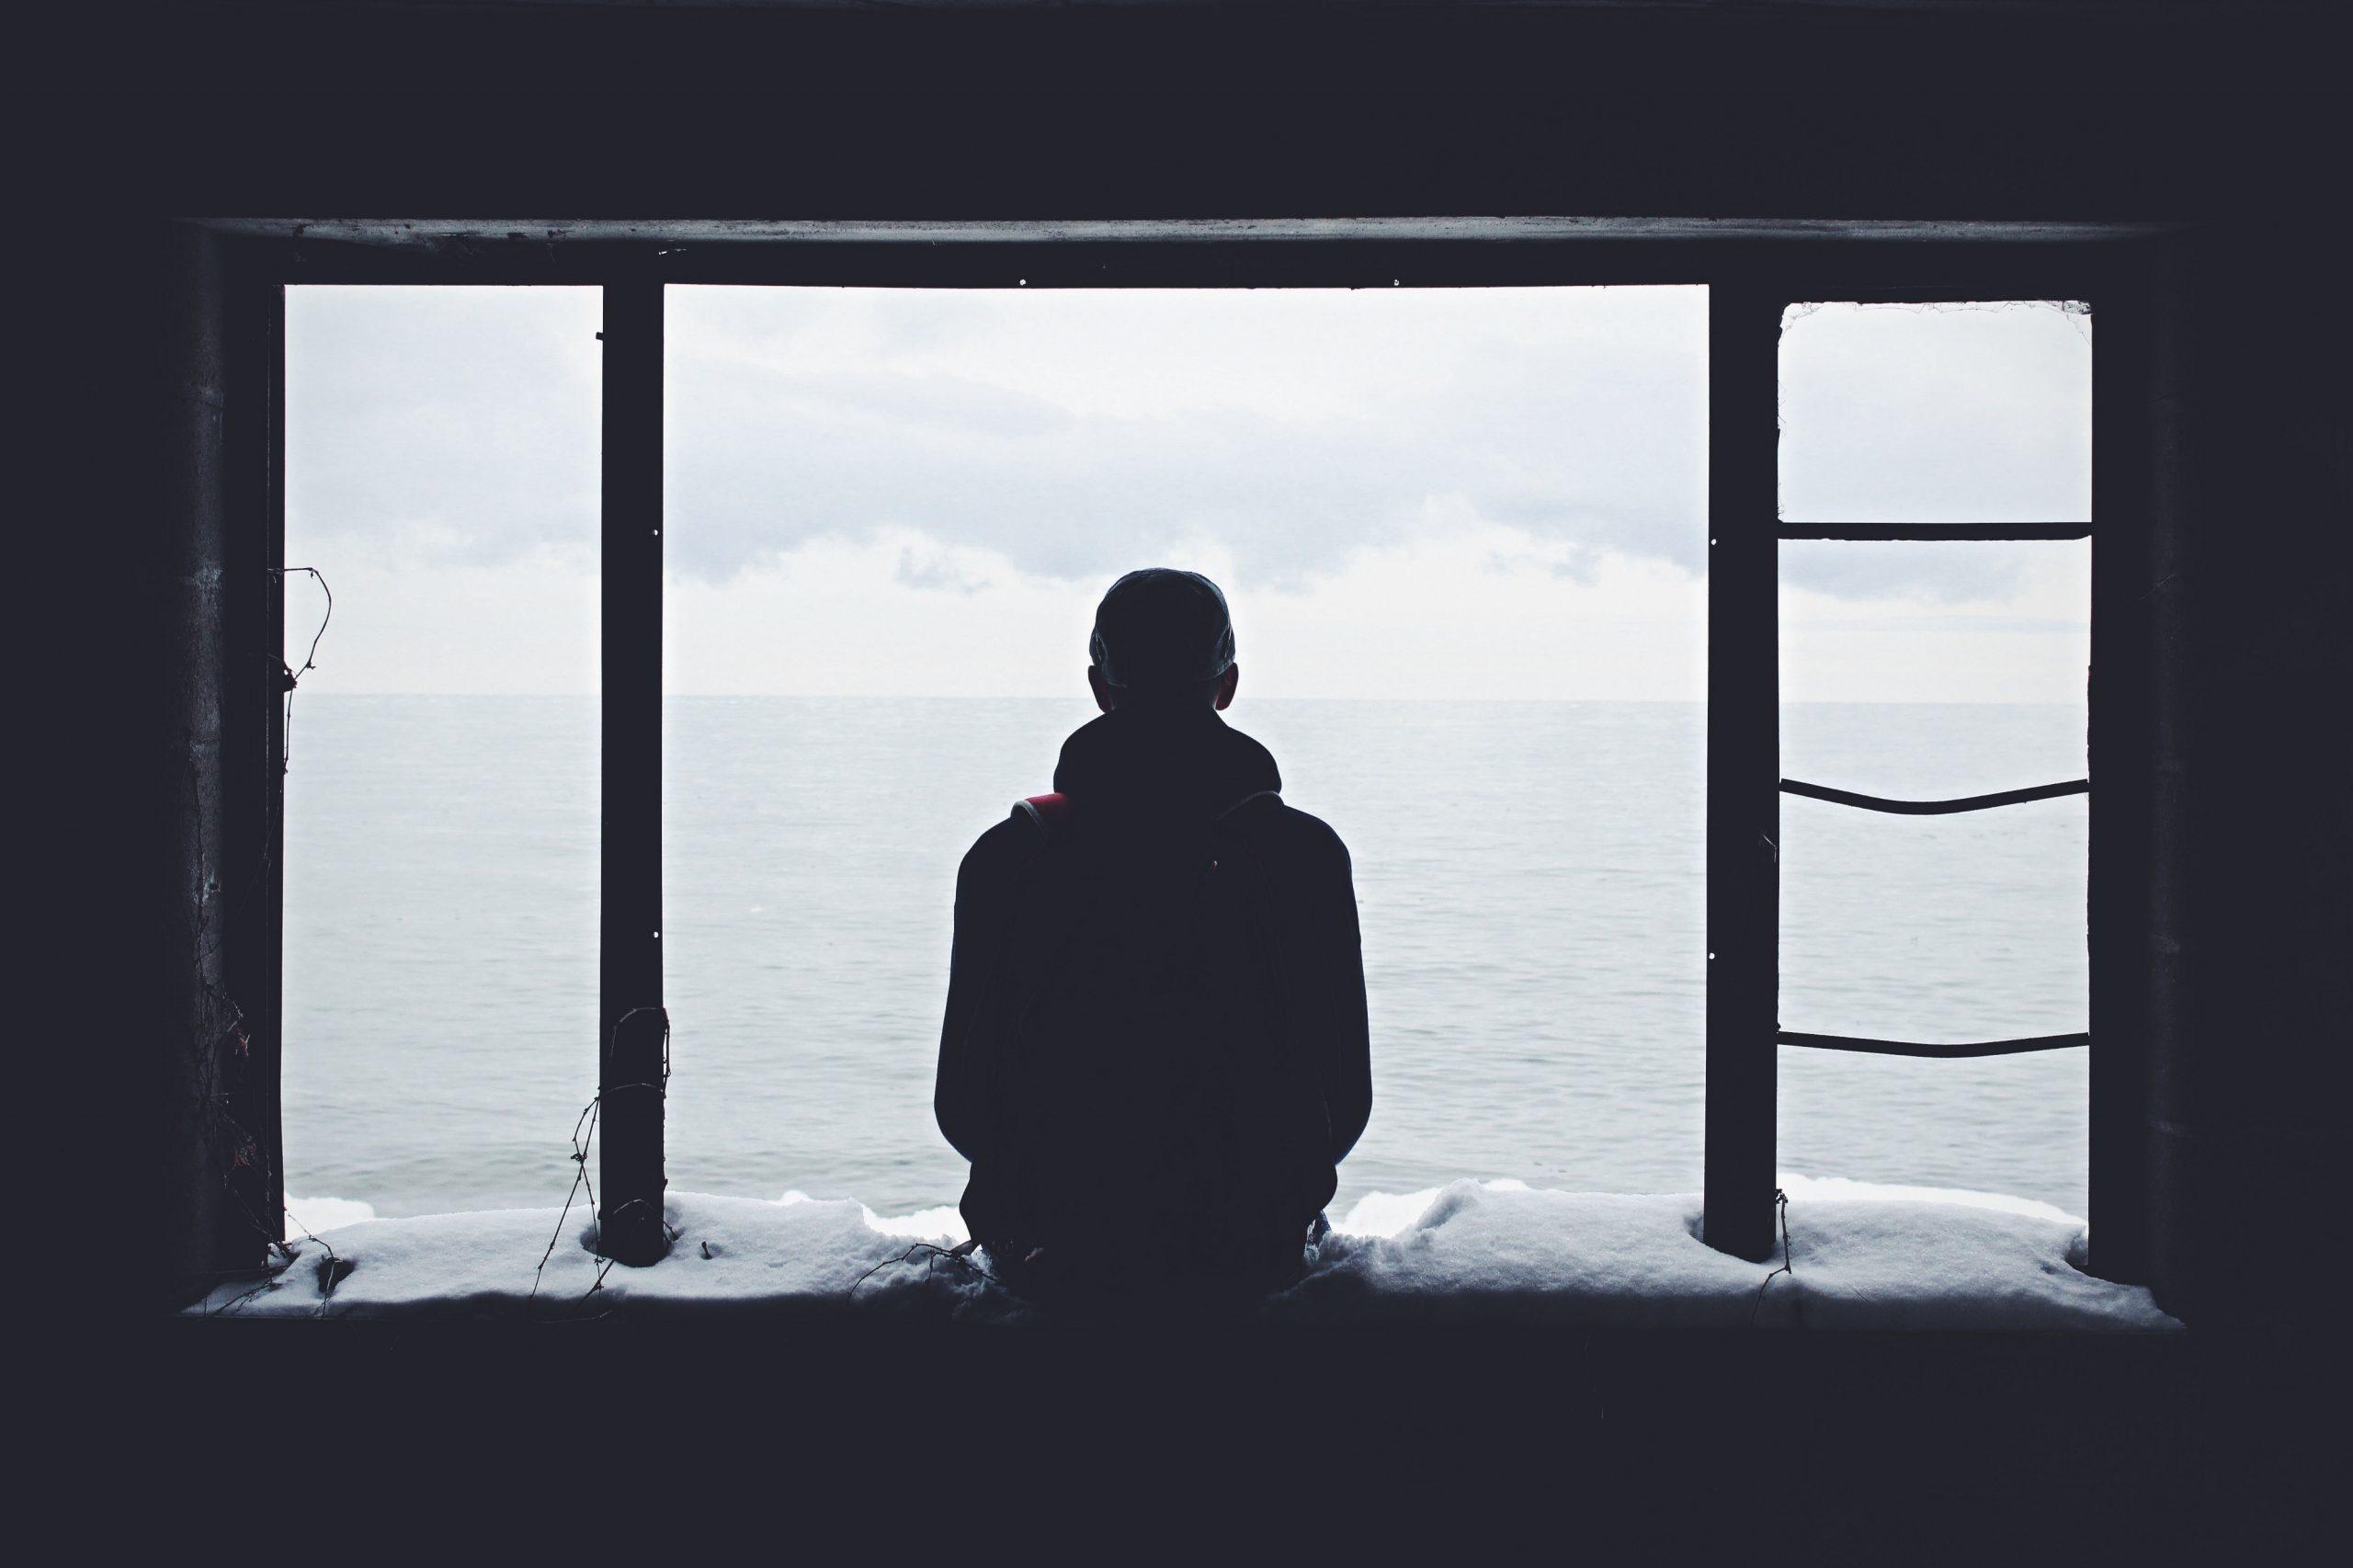 الشعور بالوحدة - الحياة في امريكا